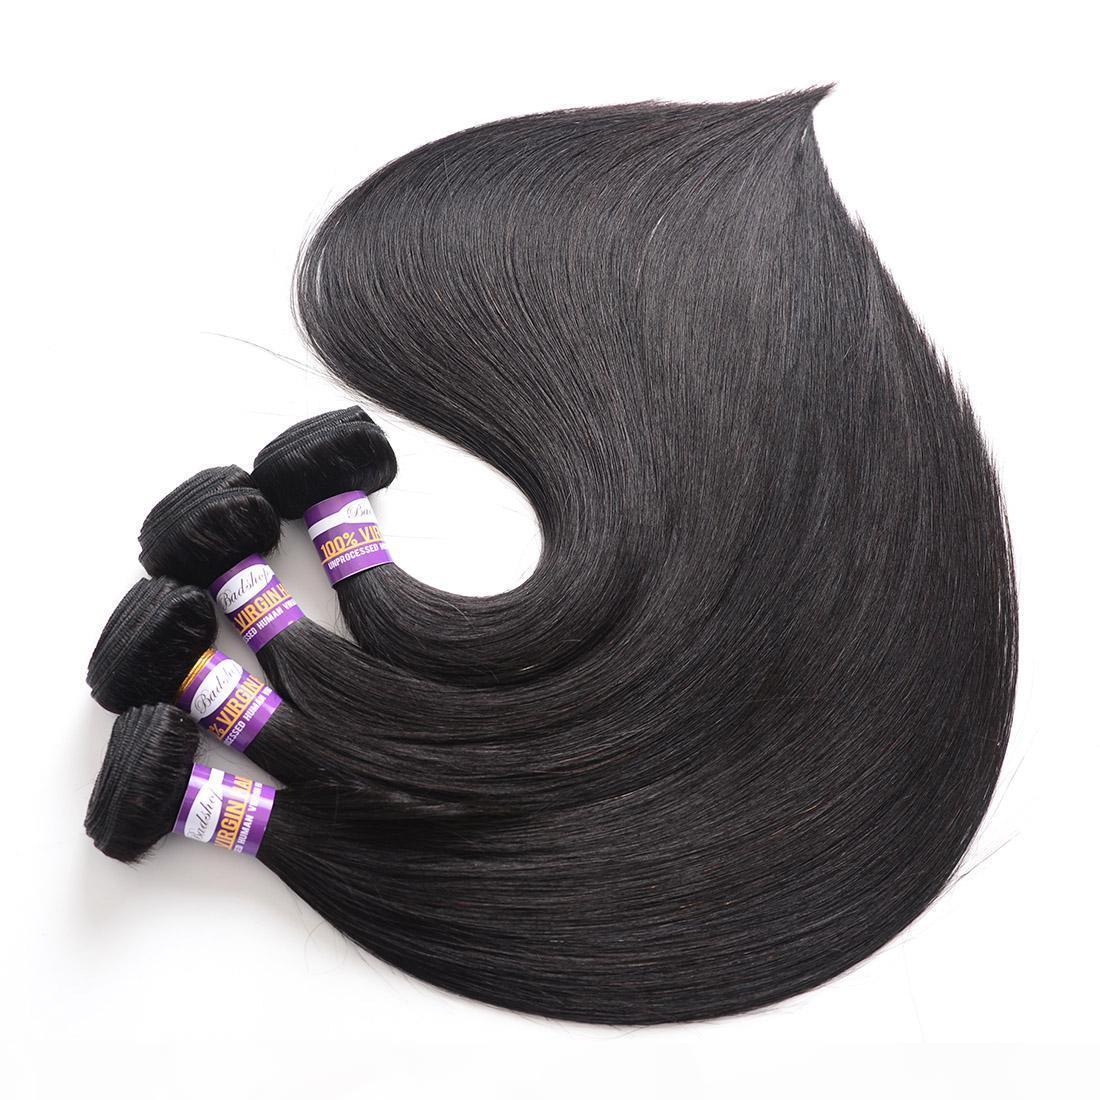 Норка бразильских прямых волос девственных волос 3 пакета 9a необработанные бразильские прямые человеческие волосы плетение пучки бразильские прямые волосы